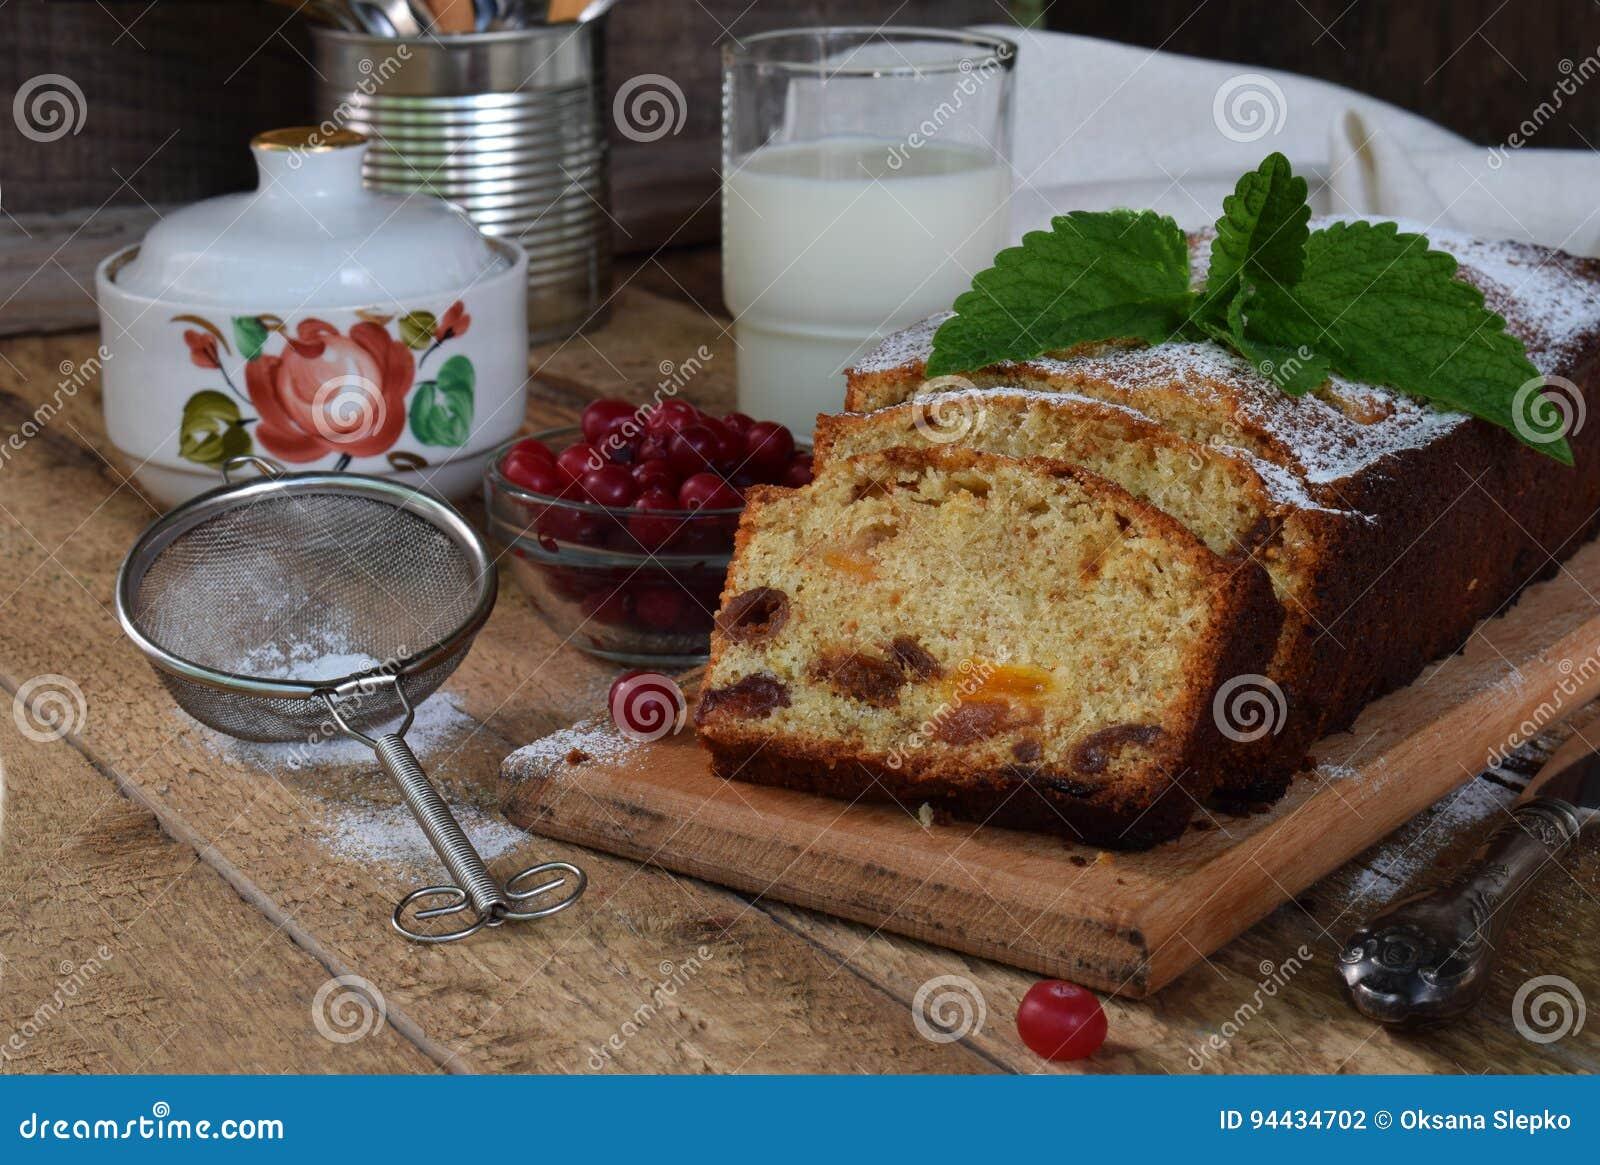 Traditioneller Fruchtkuchen Mit Rosinen Getrocknete Aprikosen